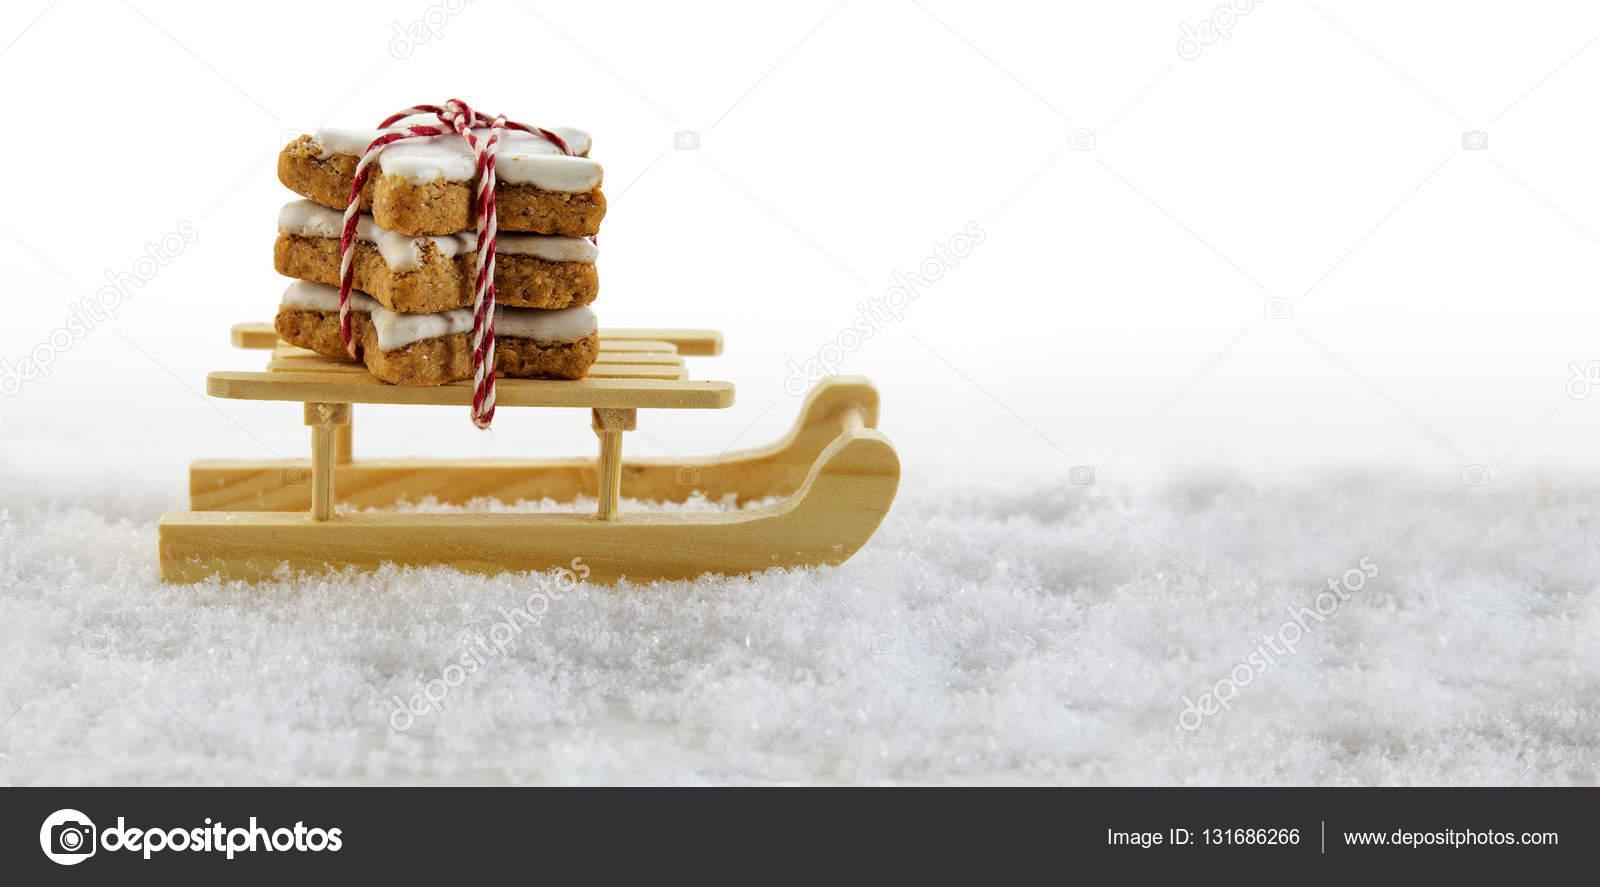 Weihnachtsgebäck Zimtsterne.Holzschlitten Im Schnee Mit Zimtsterne Traditionelles